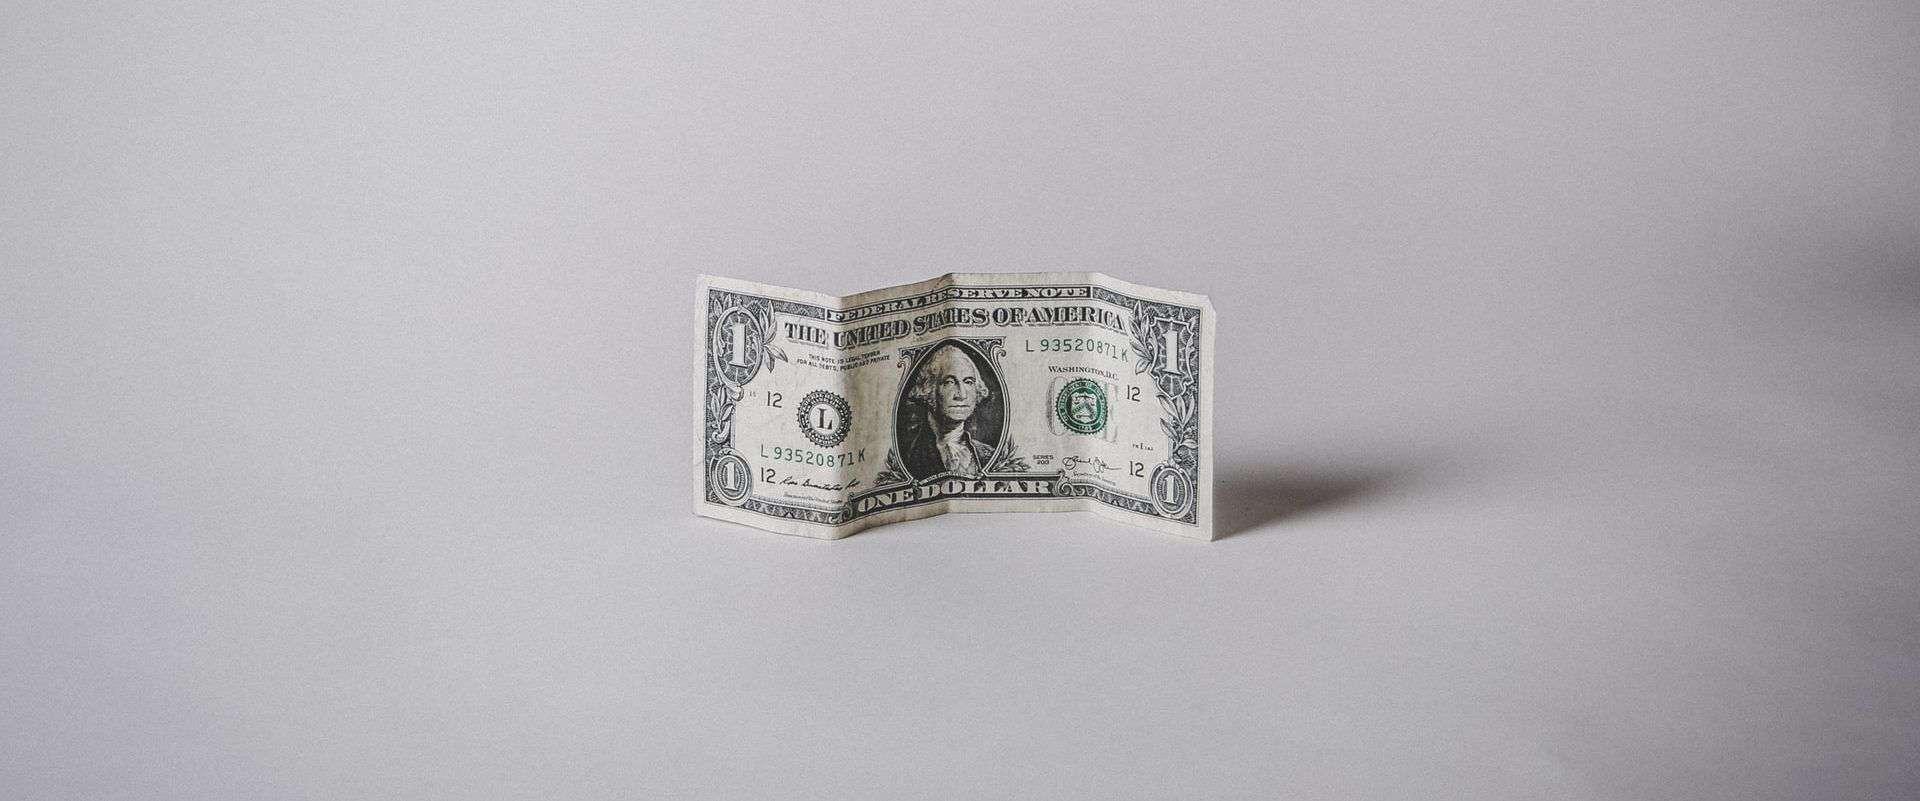 Festgeld